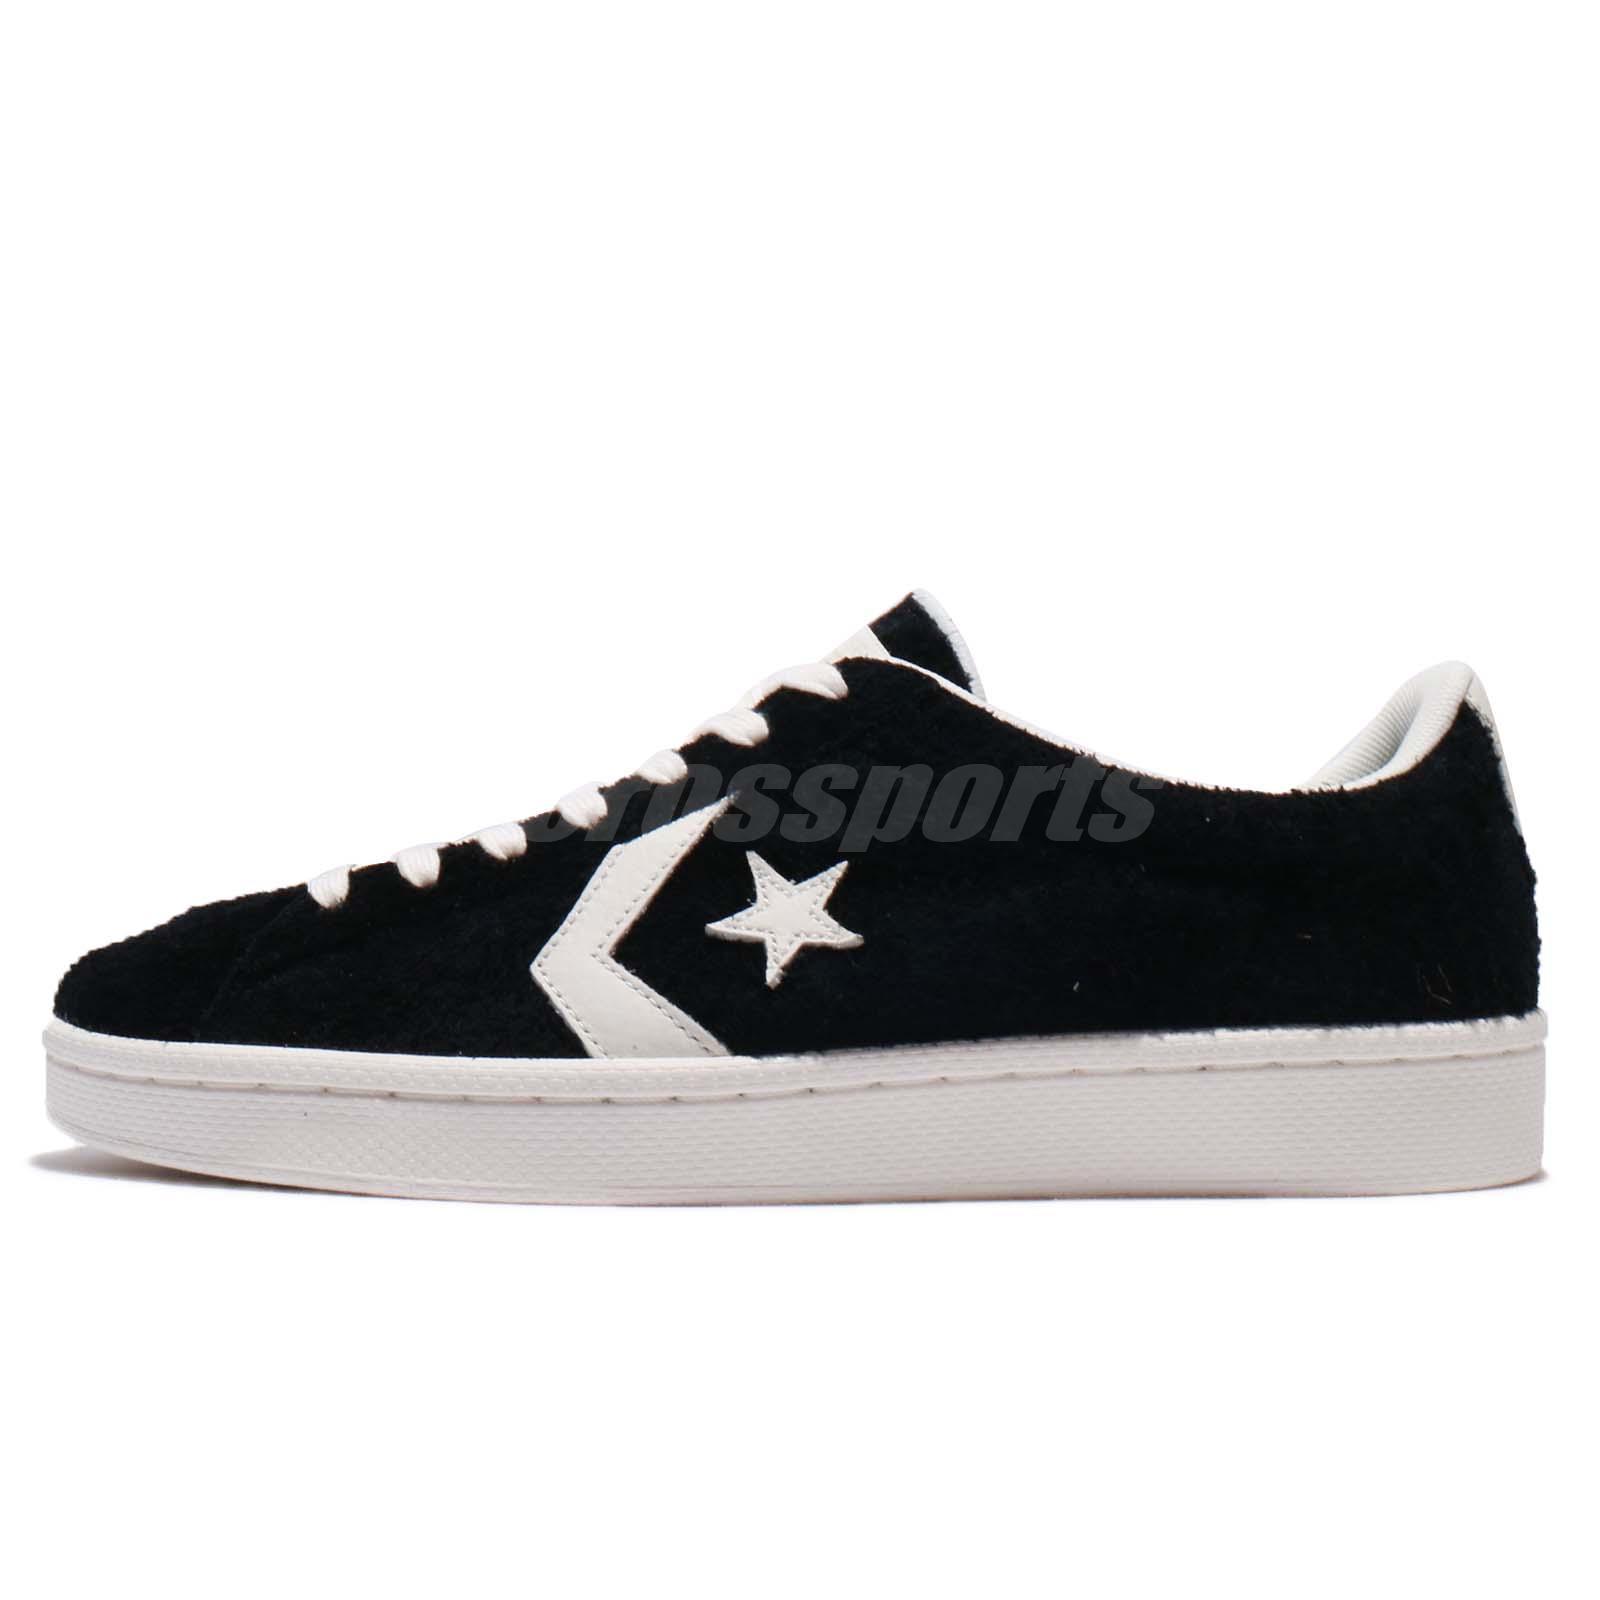 b0d5656388c6 Converse Pro Leather Low Black Ivory Suede Men Women Shoes Sneakers 157838C